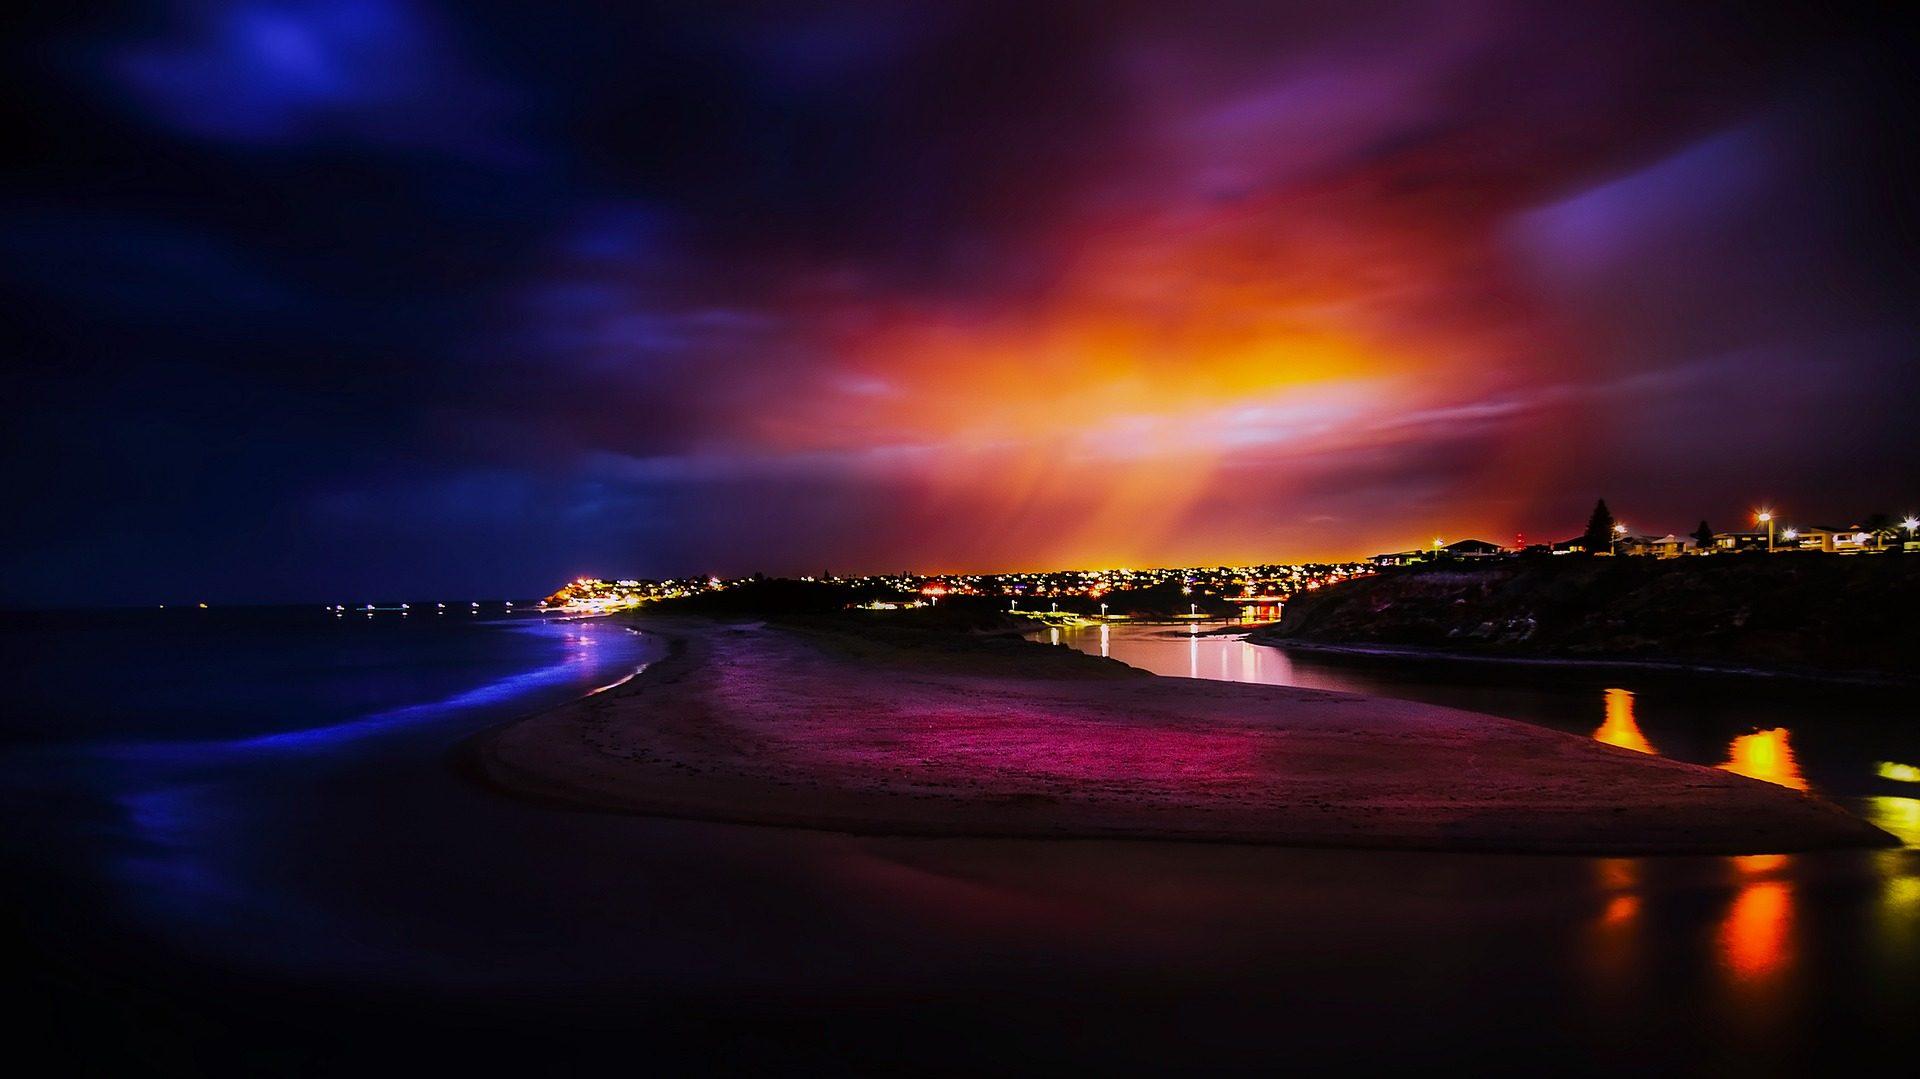 Anochecer Ciudad Luces Lejania Halos Cielo Colorido Nubes 1706021553 on City Lights Hd Wallpaper